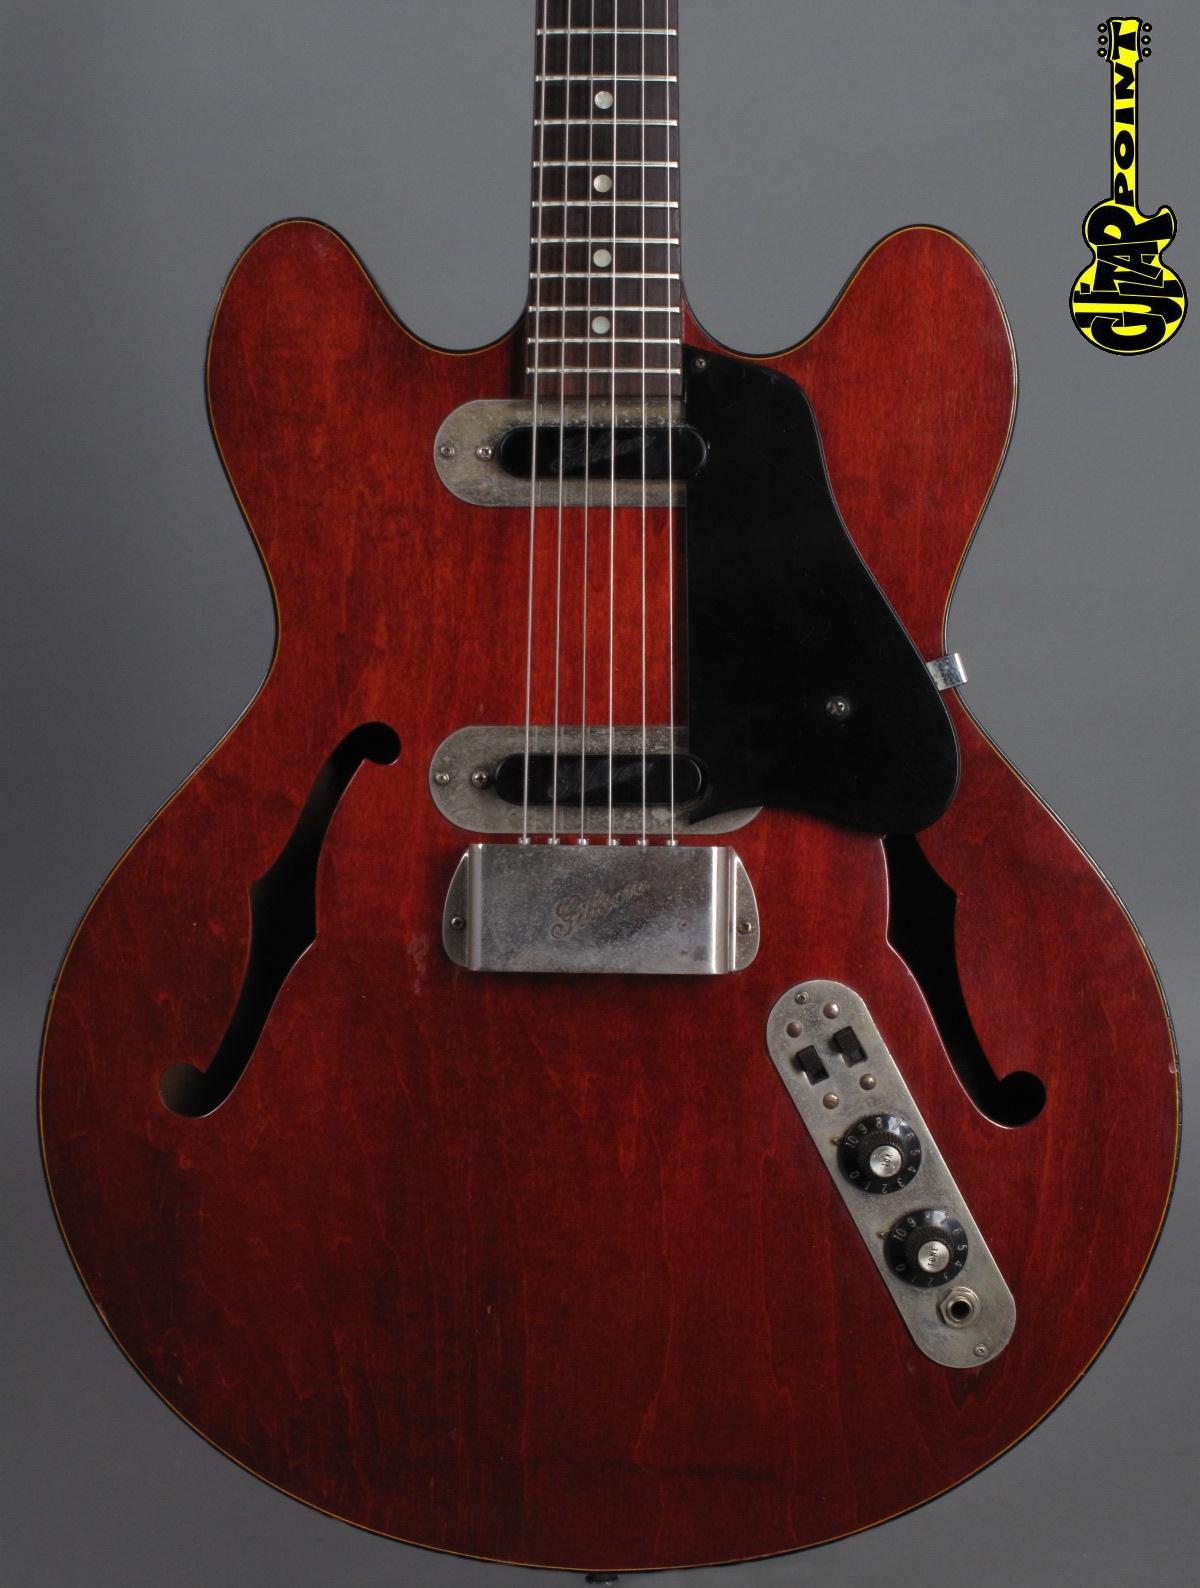 1971 Gibson ES-320 TD - Cherry